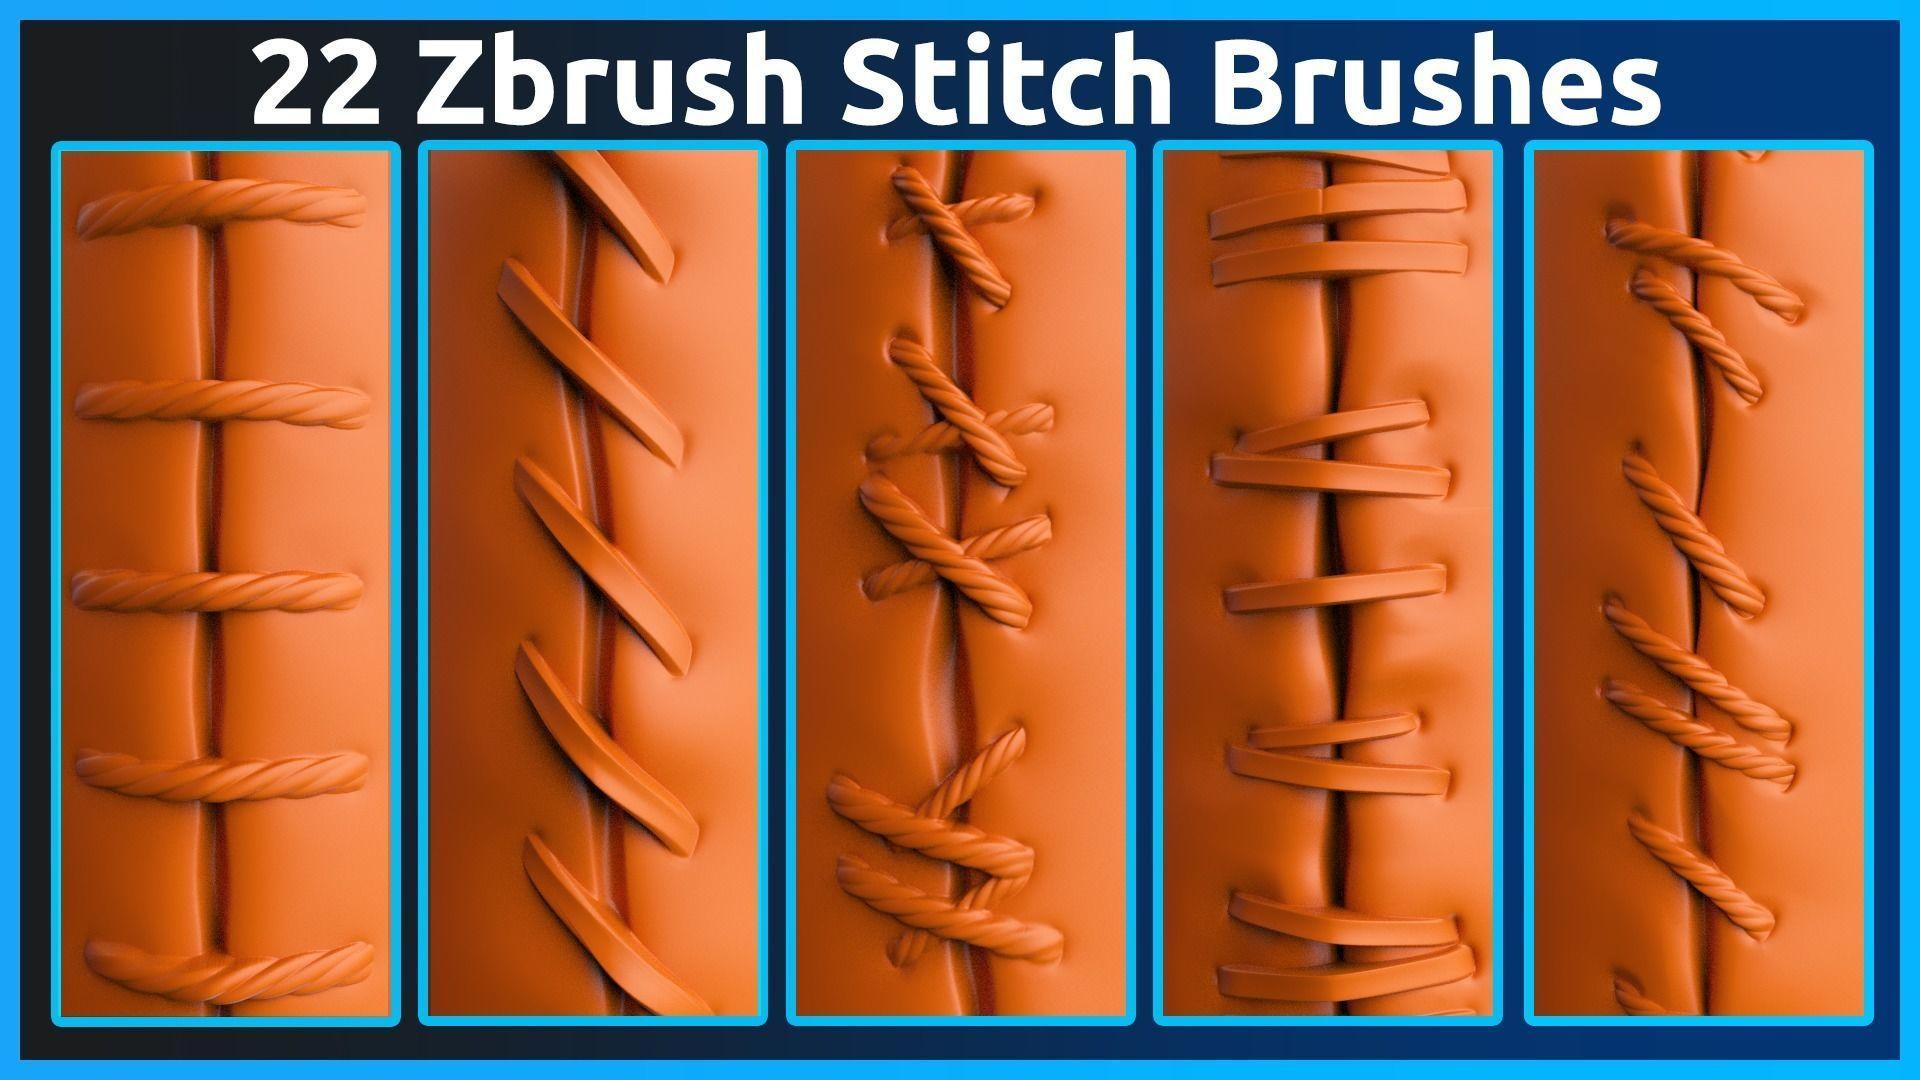 22 Zbrush Stitch Brushes